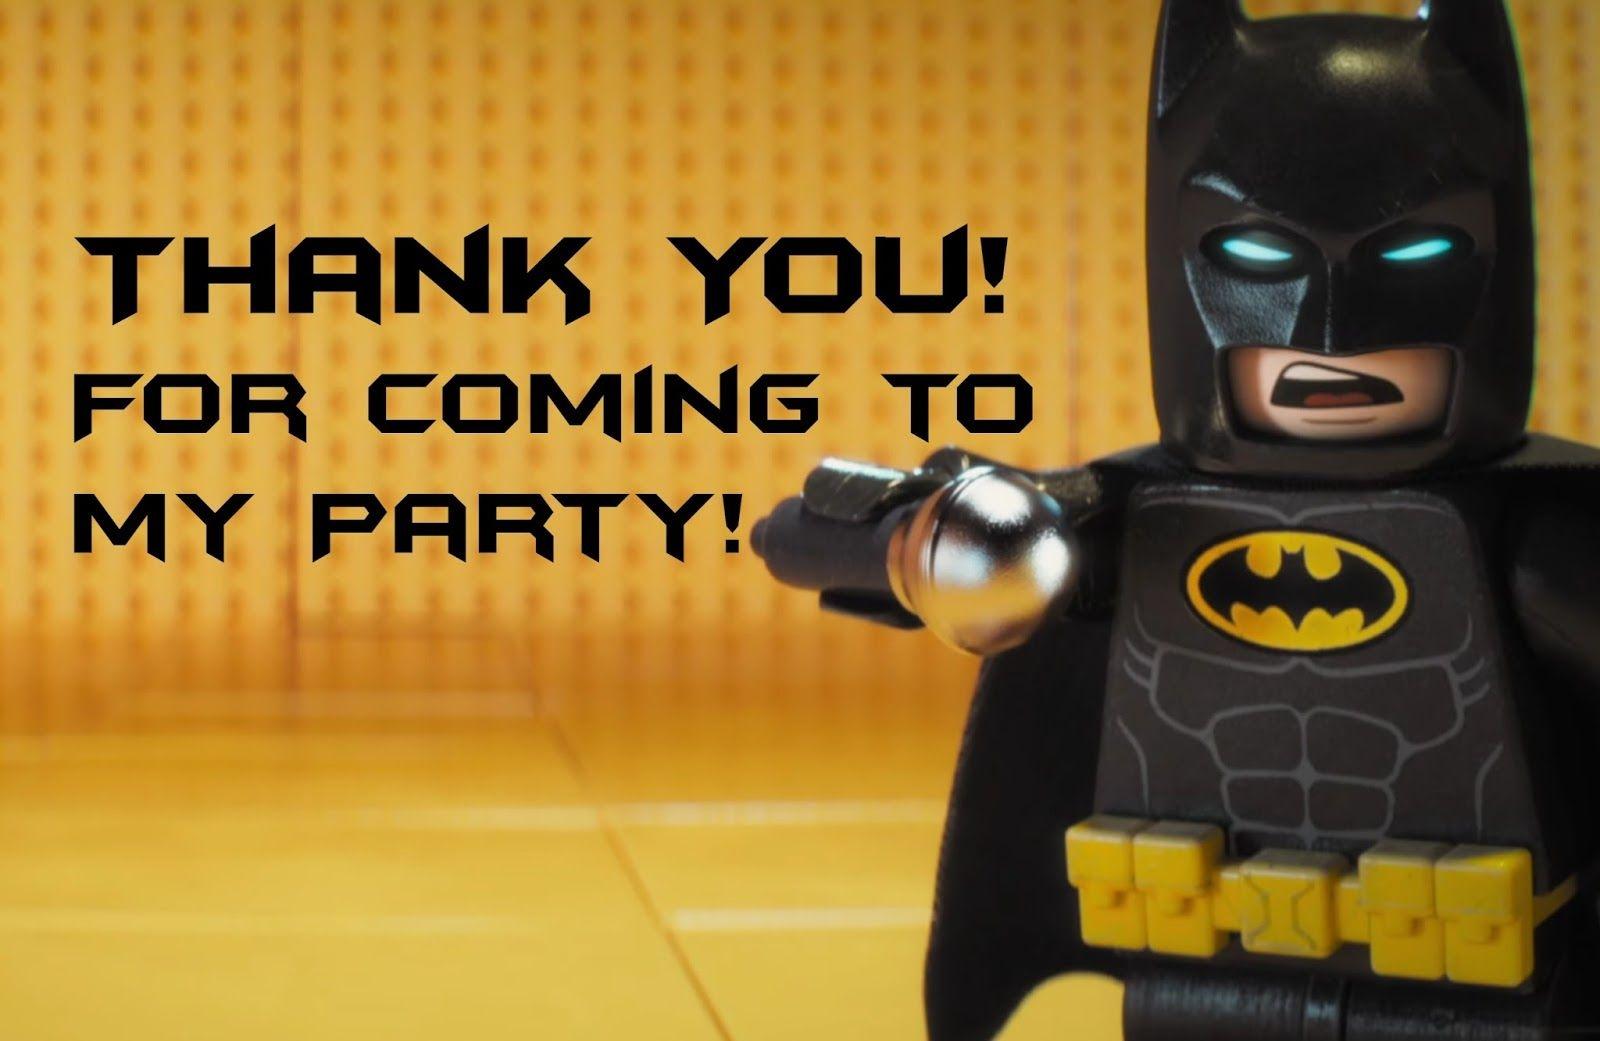 Lego Batman Thank You Cards | Lego Party | Pinterest - Feestje En Lego - Free Printable Lego Batman